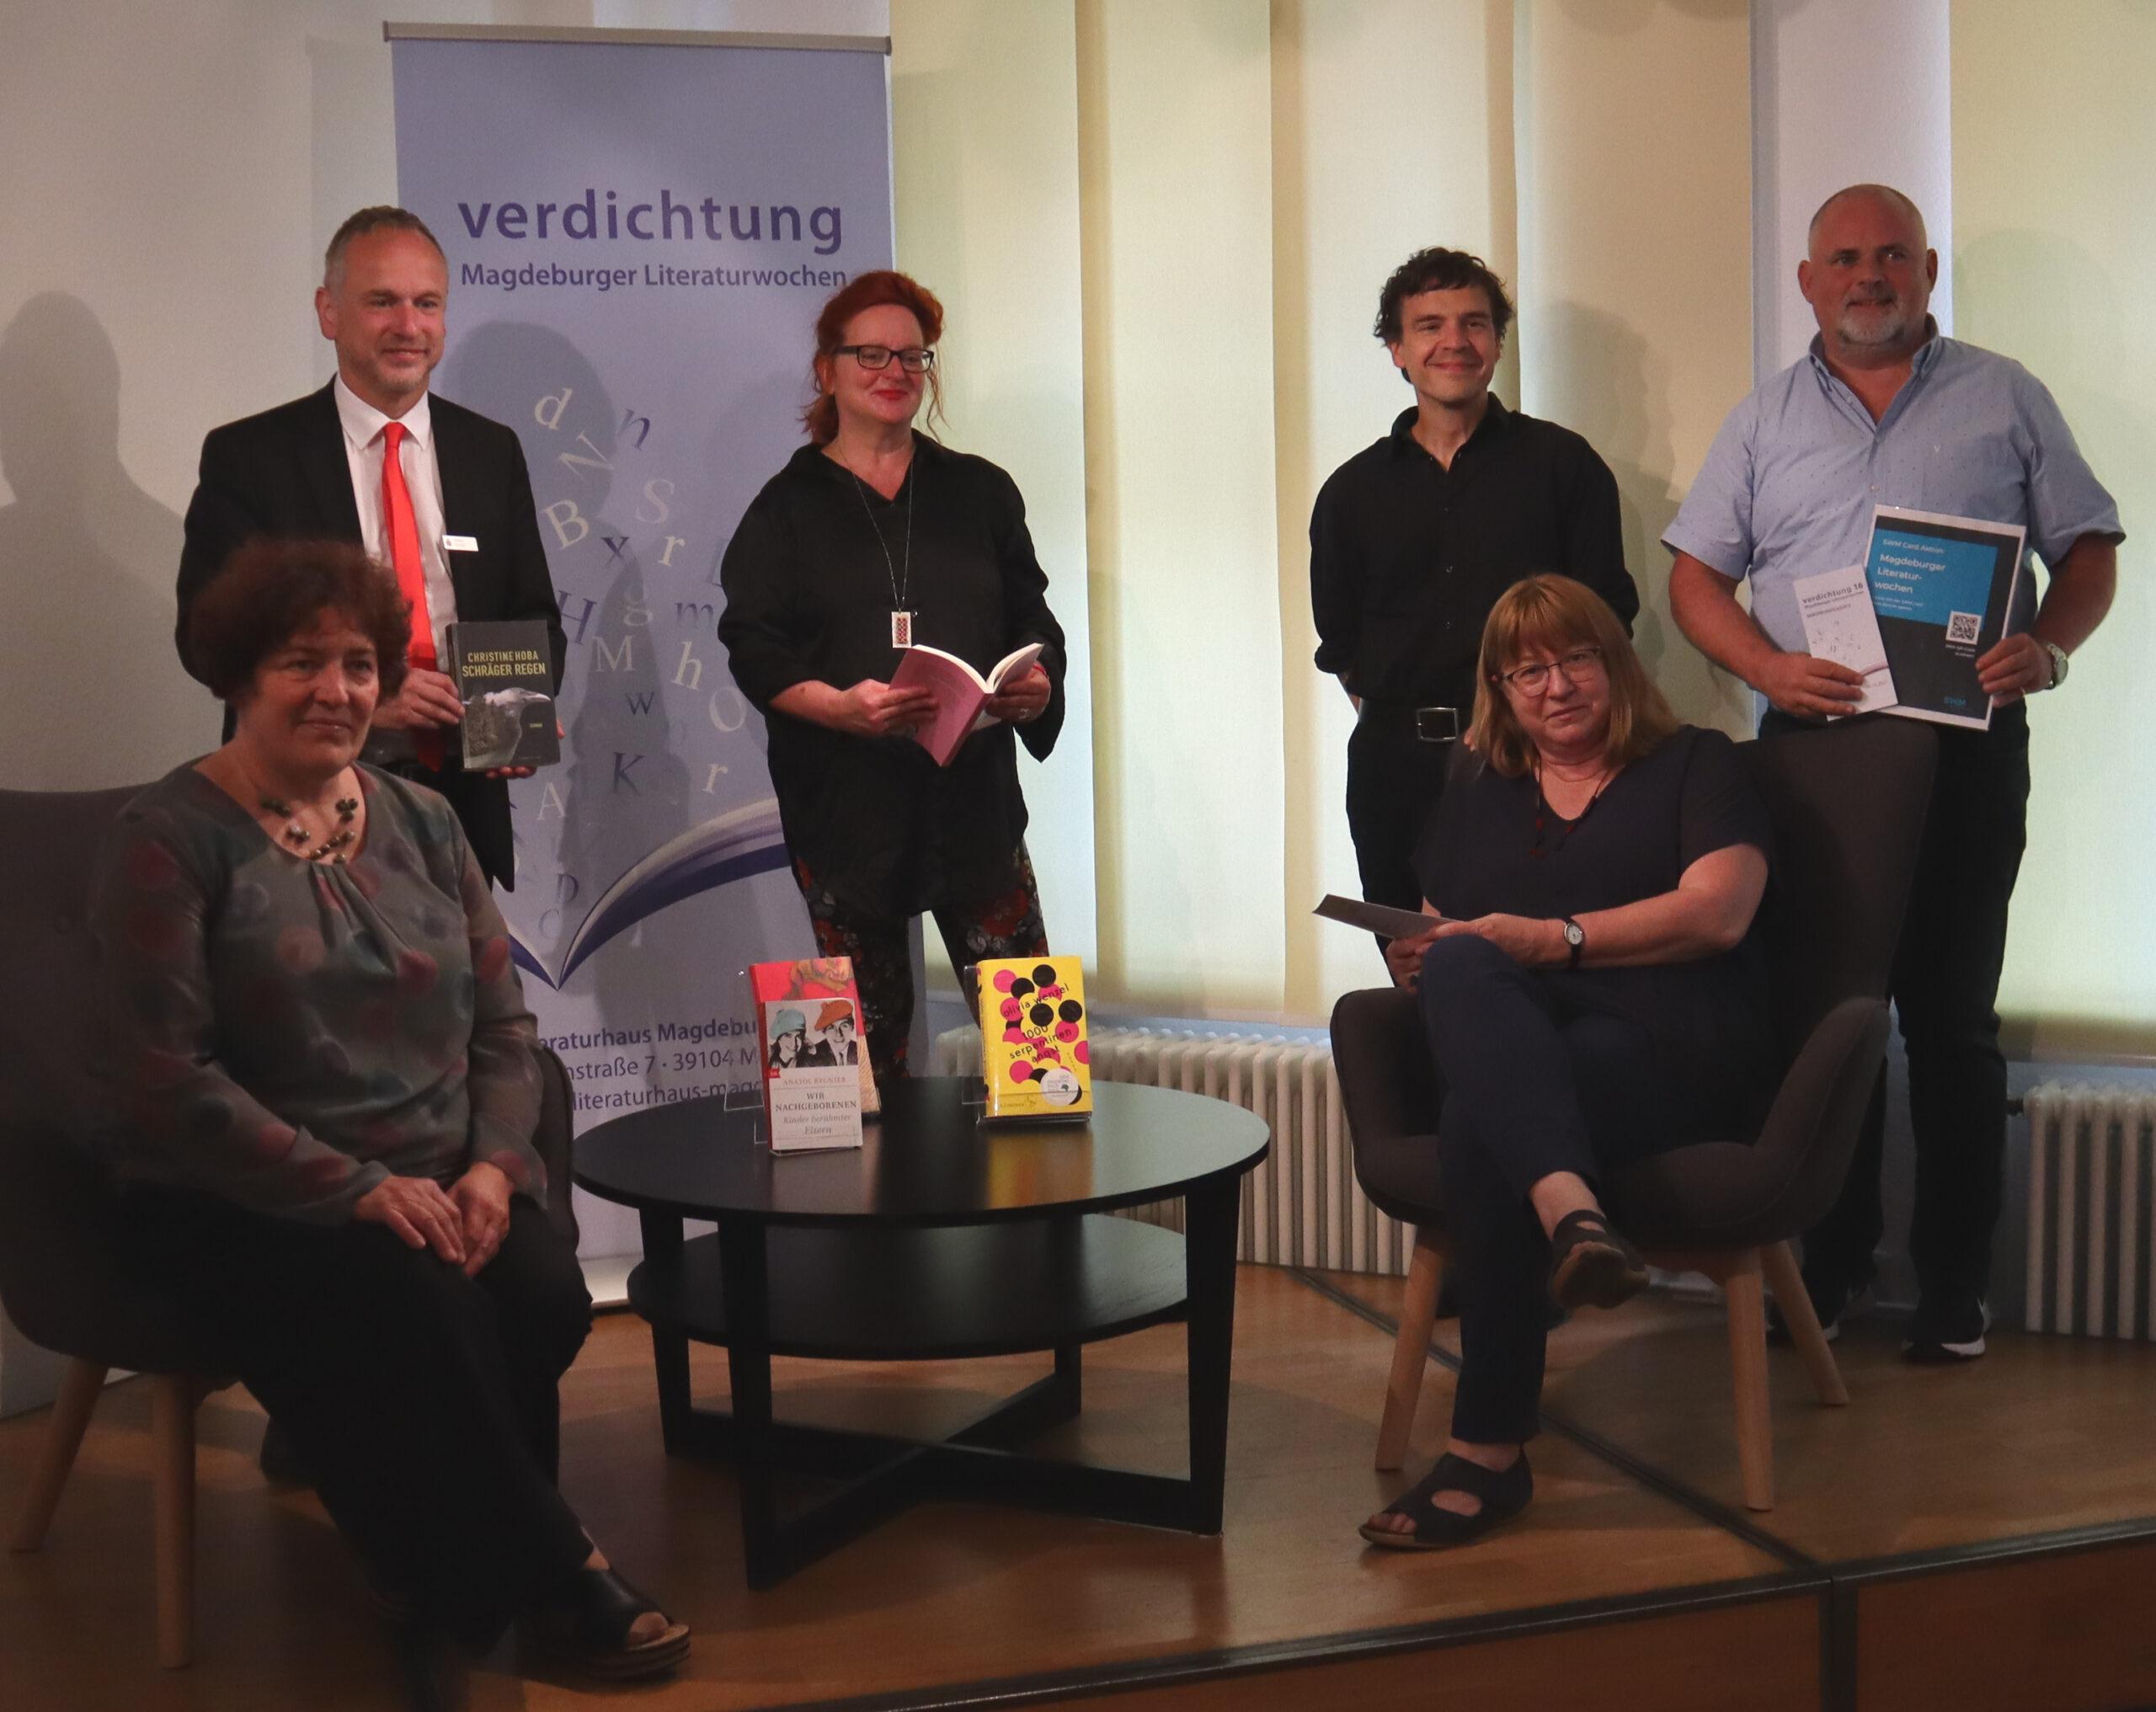 Pressegespräch zu den 30. Magdeburger Literaturwochen